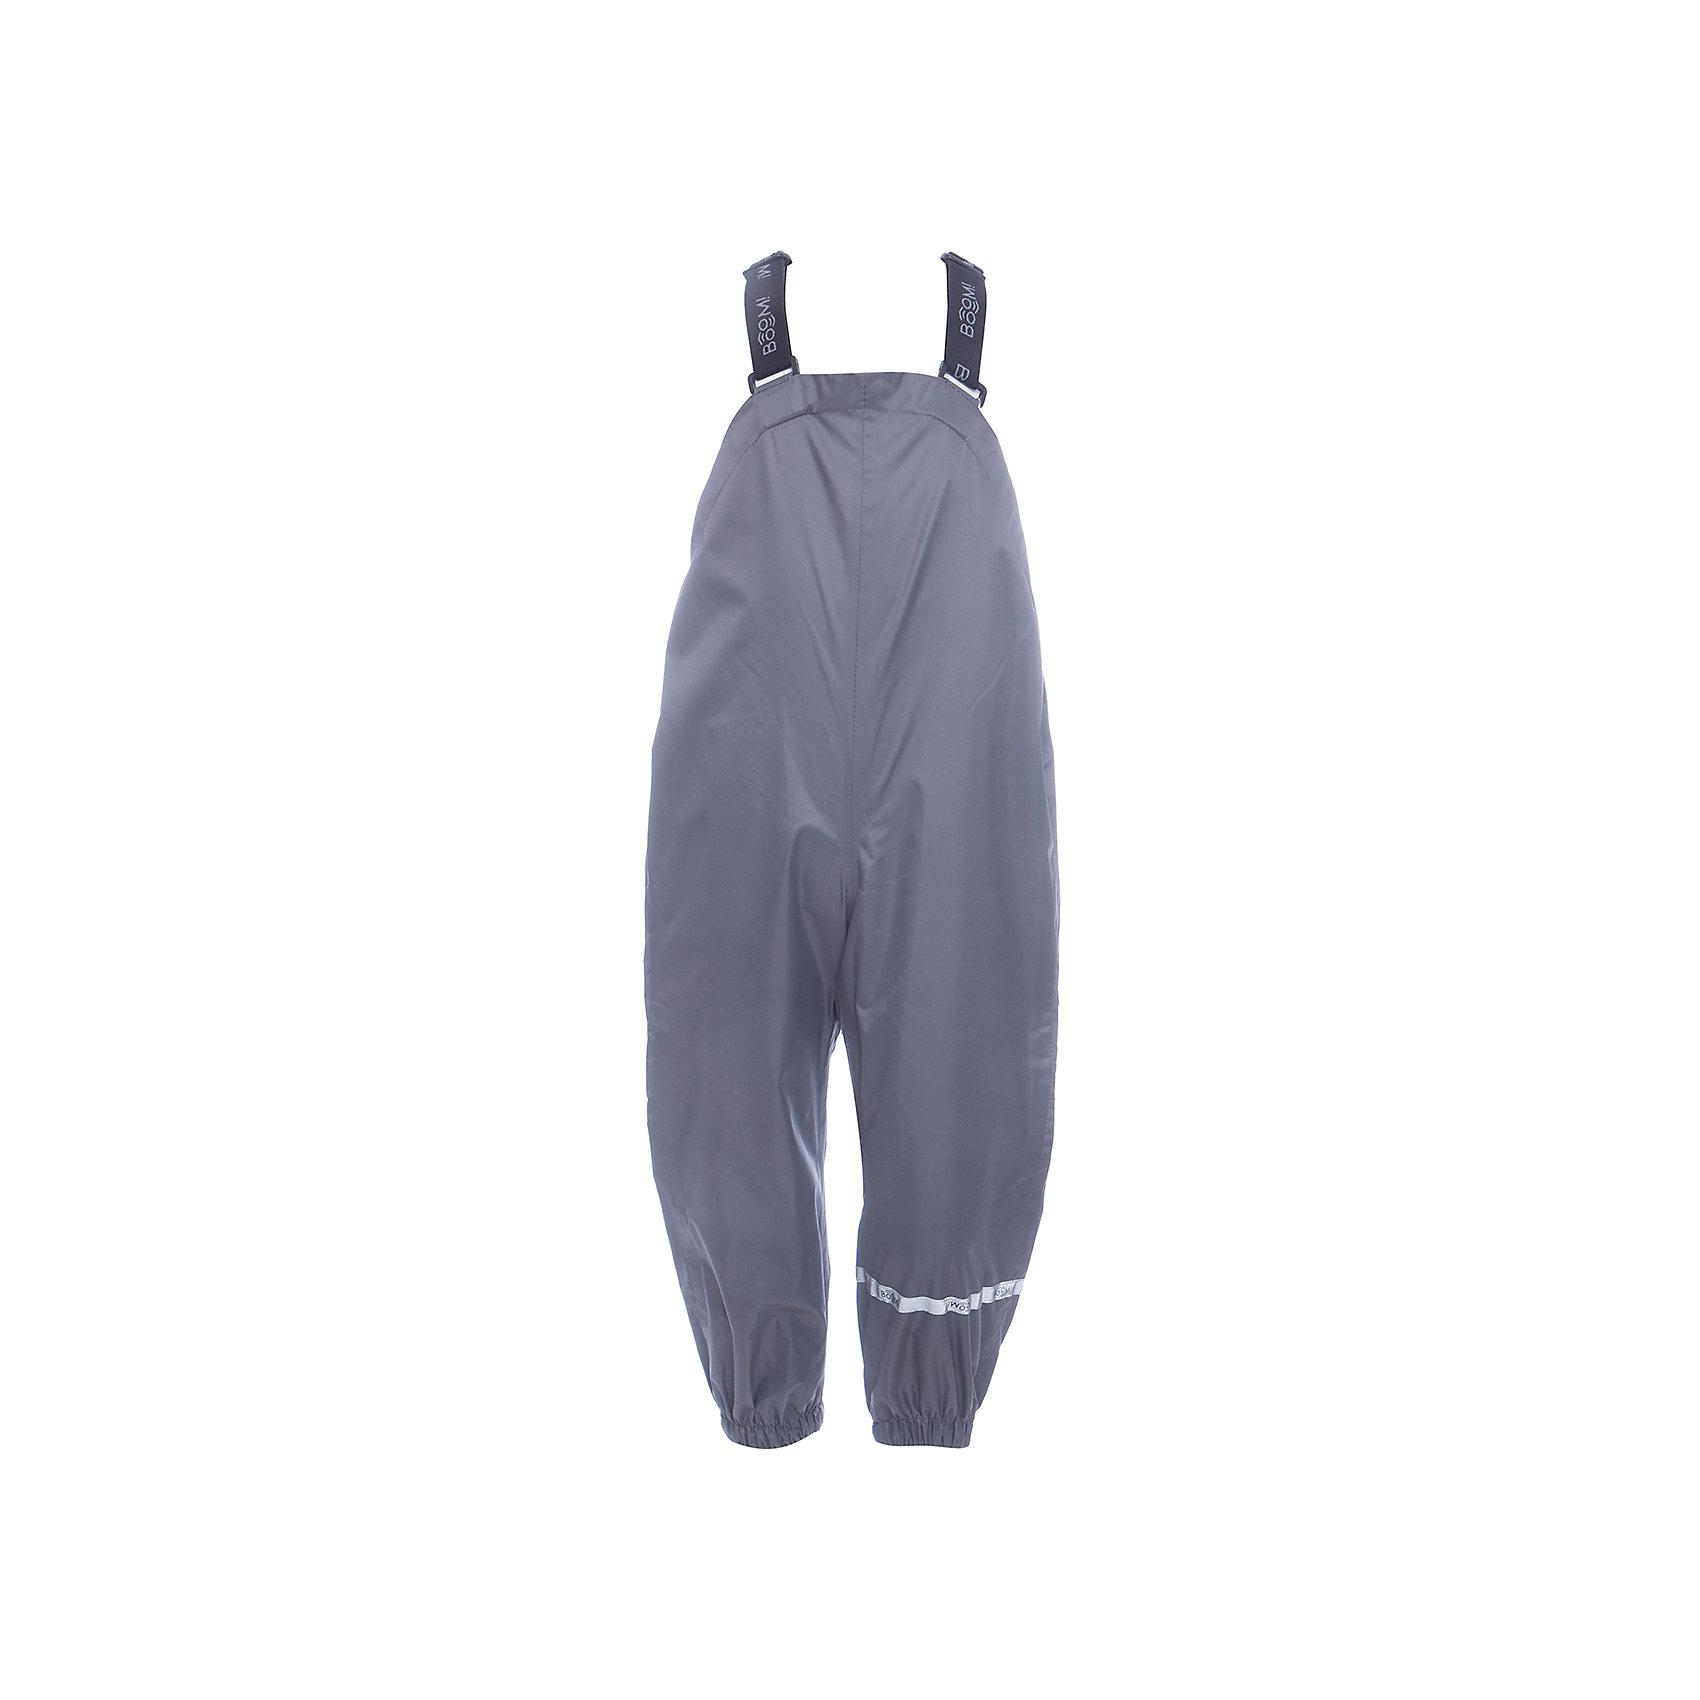 Брюки BOOM by OrbyВерхняя одежда<br>Характеристики товара:<br><br>• цвет: серый<br>• ткань верха: Нейлон с мембранным покрытием 3000х3000<br>• без утеплителя<br>• сезон: демисезон<br>• температурный режим: от +5° до +15°С<br>• особенности одежды: на регулируемых лямках<br>• тип брюк: с завышенной грудкой <br>• застежки: кнопки<br>• страна бренда: Россия<br>• страна изготовитель: Россия<br><br>Эти брюки для мальчика помогают надежно защитить ребенка от холода и сырости. Они стильно смотрятся и удобно сидят. Внизу на штанинах есть эластичные резинки, лямки легко регулируются. <br><br>Брюки BOOM by Orby для мальчика можно купить в нашем интернет-магазине.<br><br>Ширина мм: 215<br>Глубина мм: 88<br>Высота мм: 191<br>Вес г: 336<br>Цвет: серый<br>Возраст от месяцев: 60<br>Возраст до месяцев: 72<br>Пол: Унисекс<br>Возраст: Детский<br>Размер: 116,80,86,104,92,98,110<br>SKU: 7007588